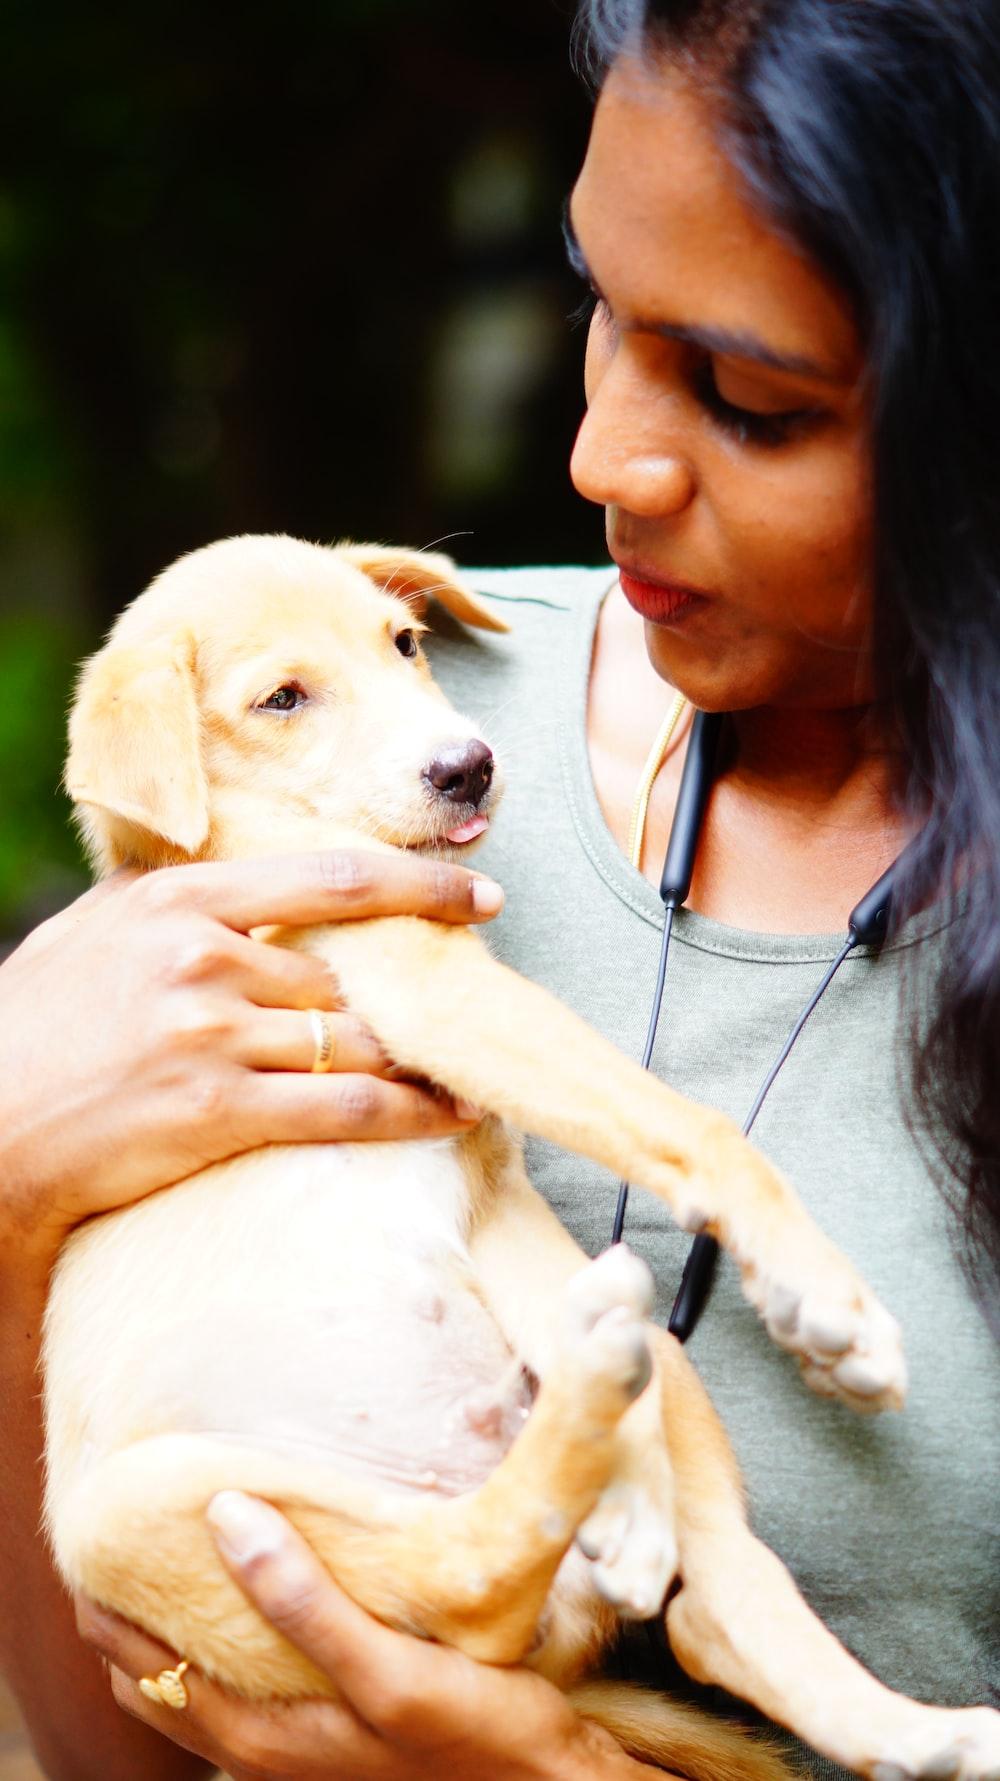 girl in gray shirt holding white short coated dog